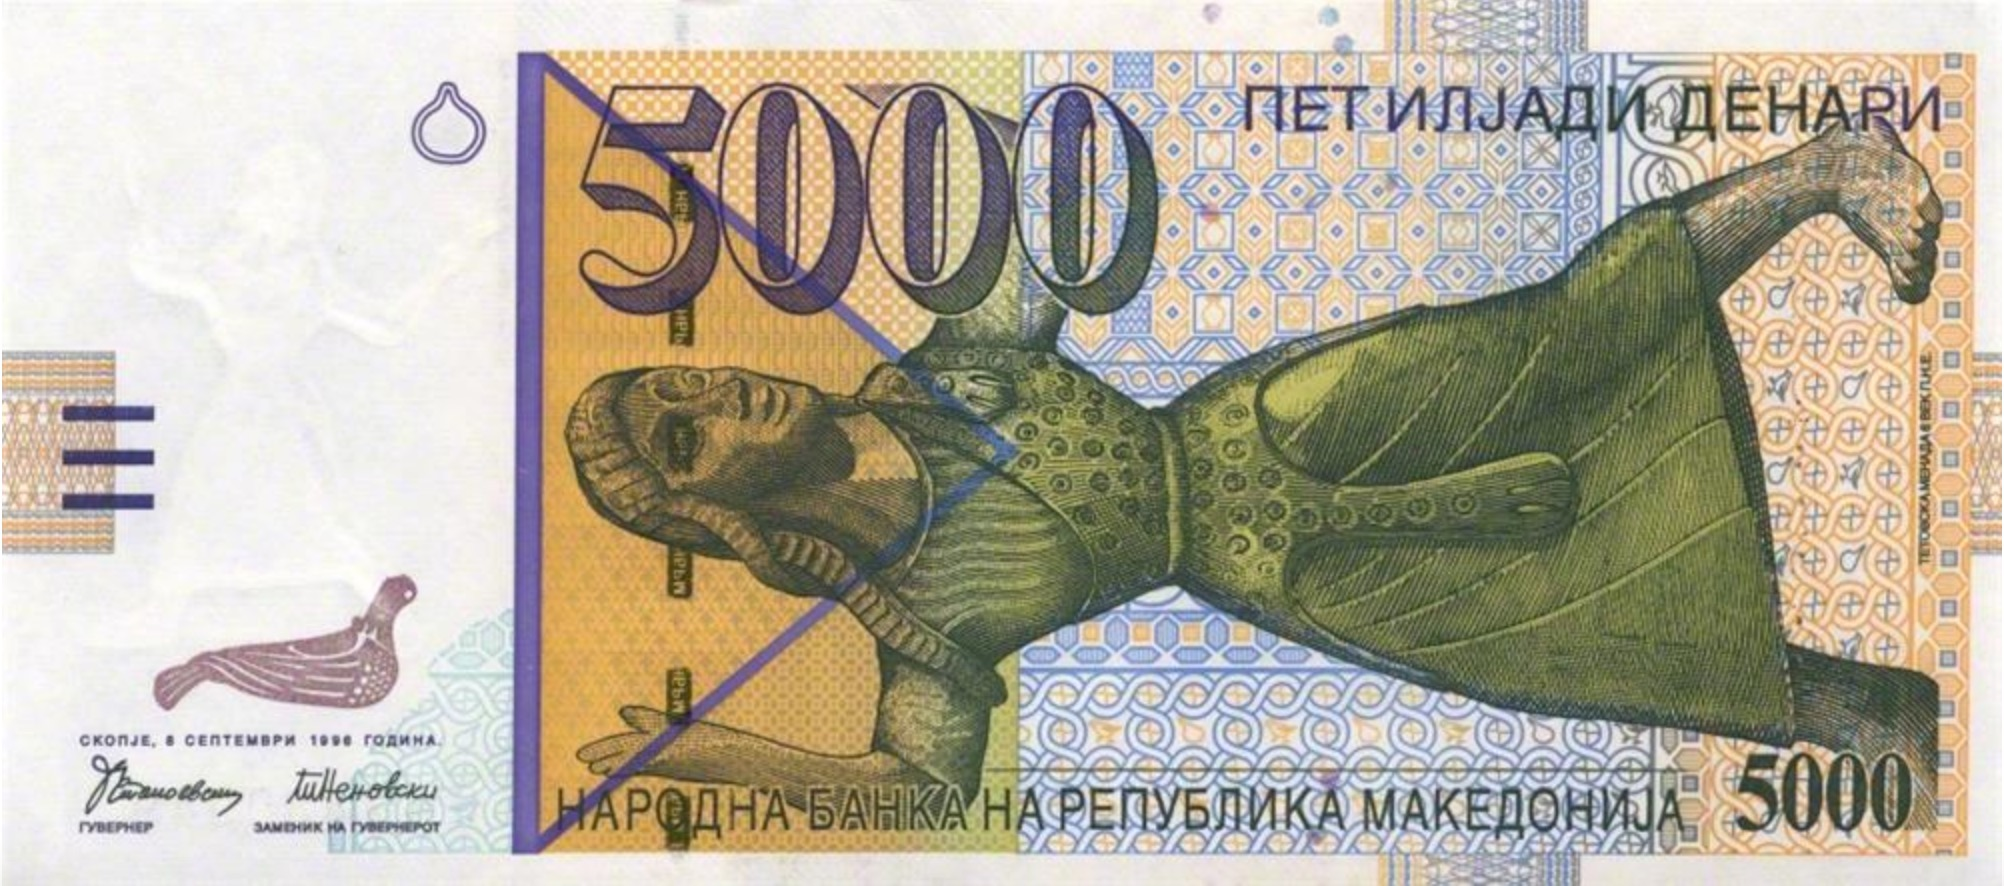 5000 Macedonian Denari banknote